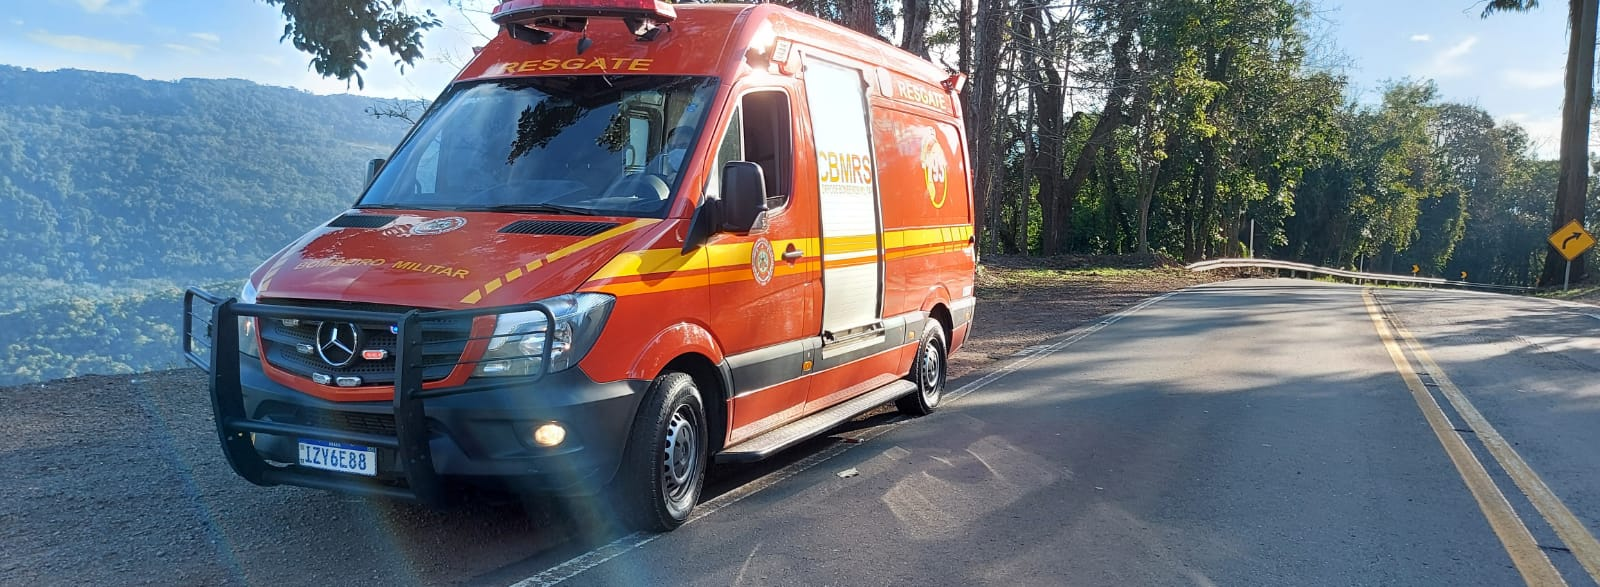 Acidente deixa duas pessoas feridas na Serra das Antas, em Bento